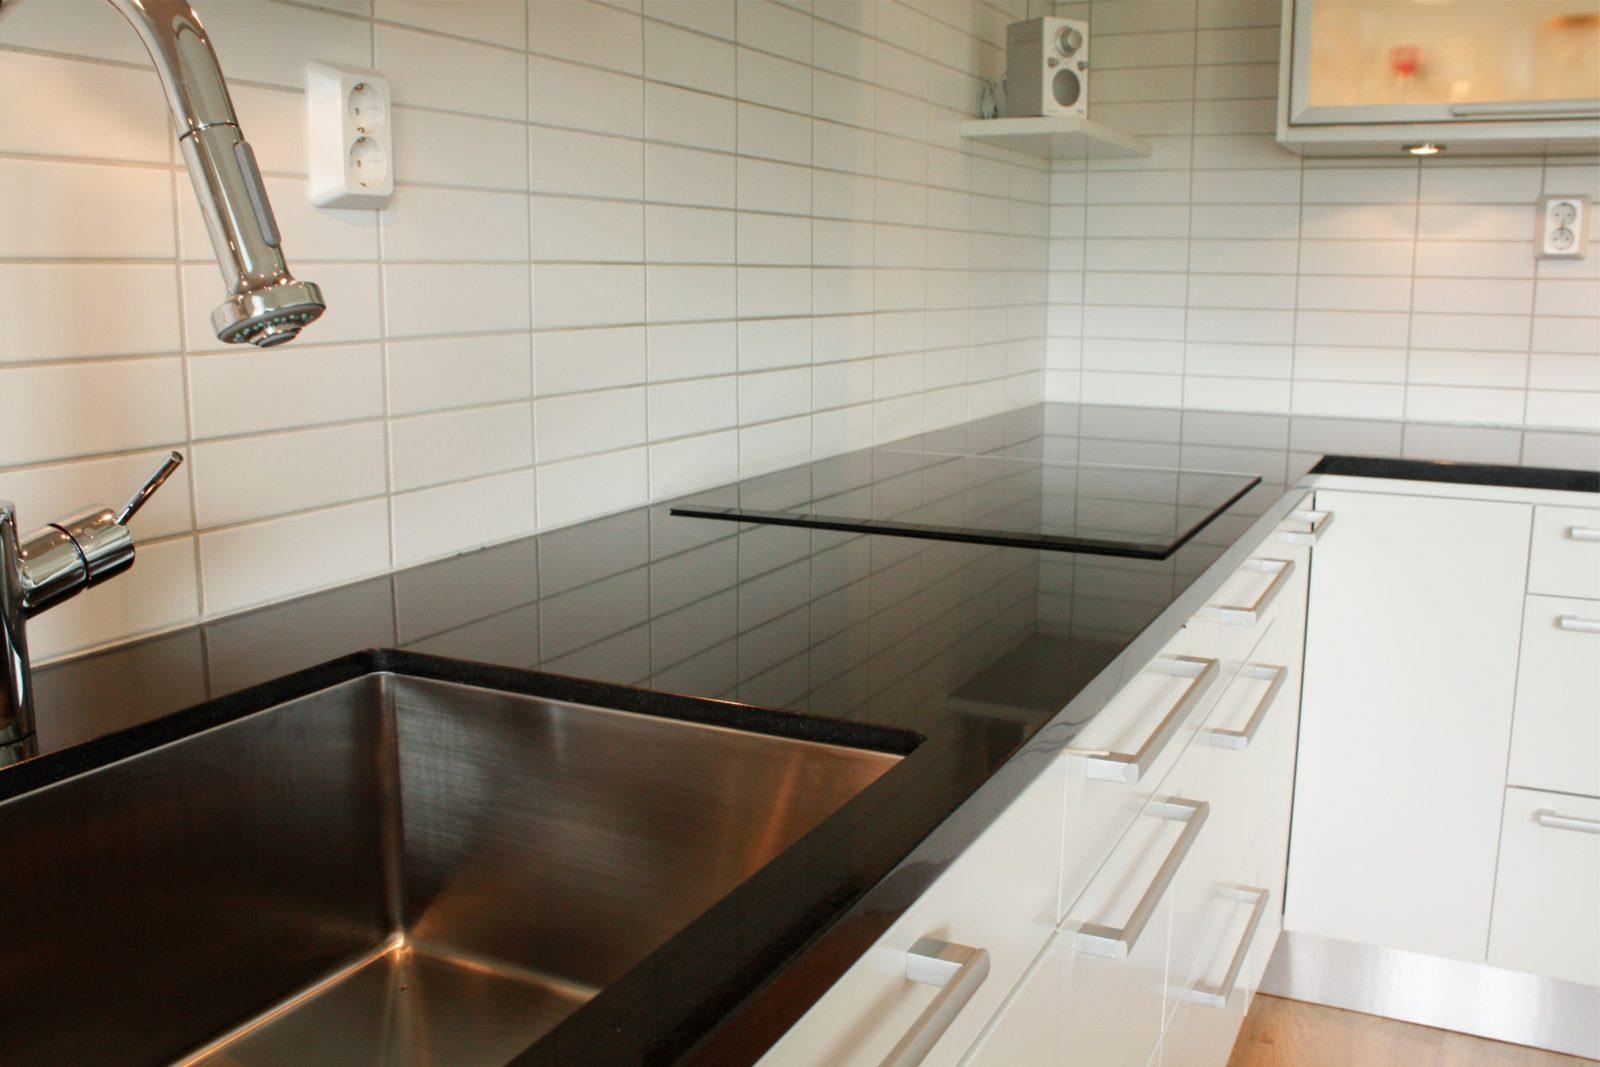 M rmol negro para la encimera im genes y fotos - Colores de granito para encimeras de cocina ...